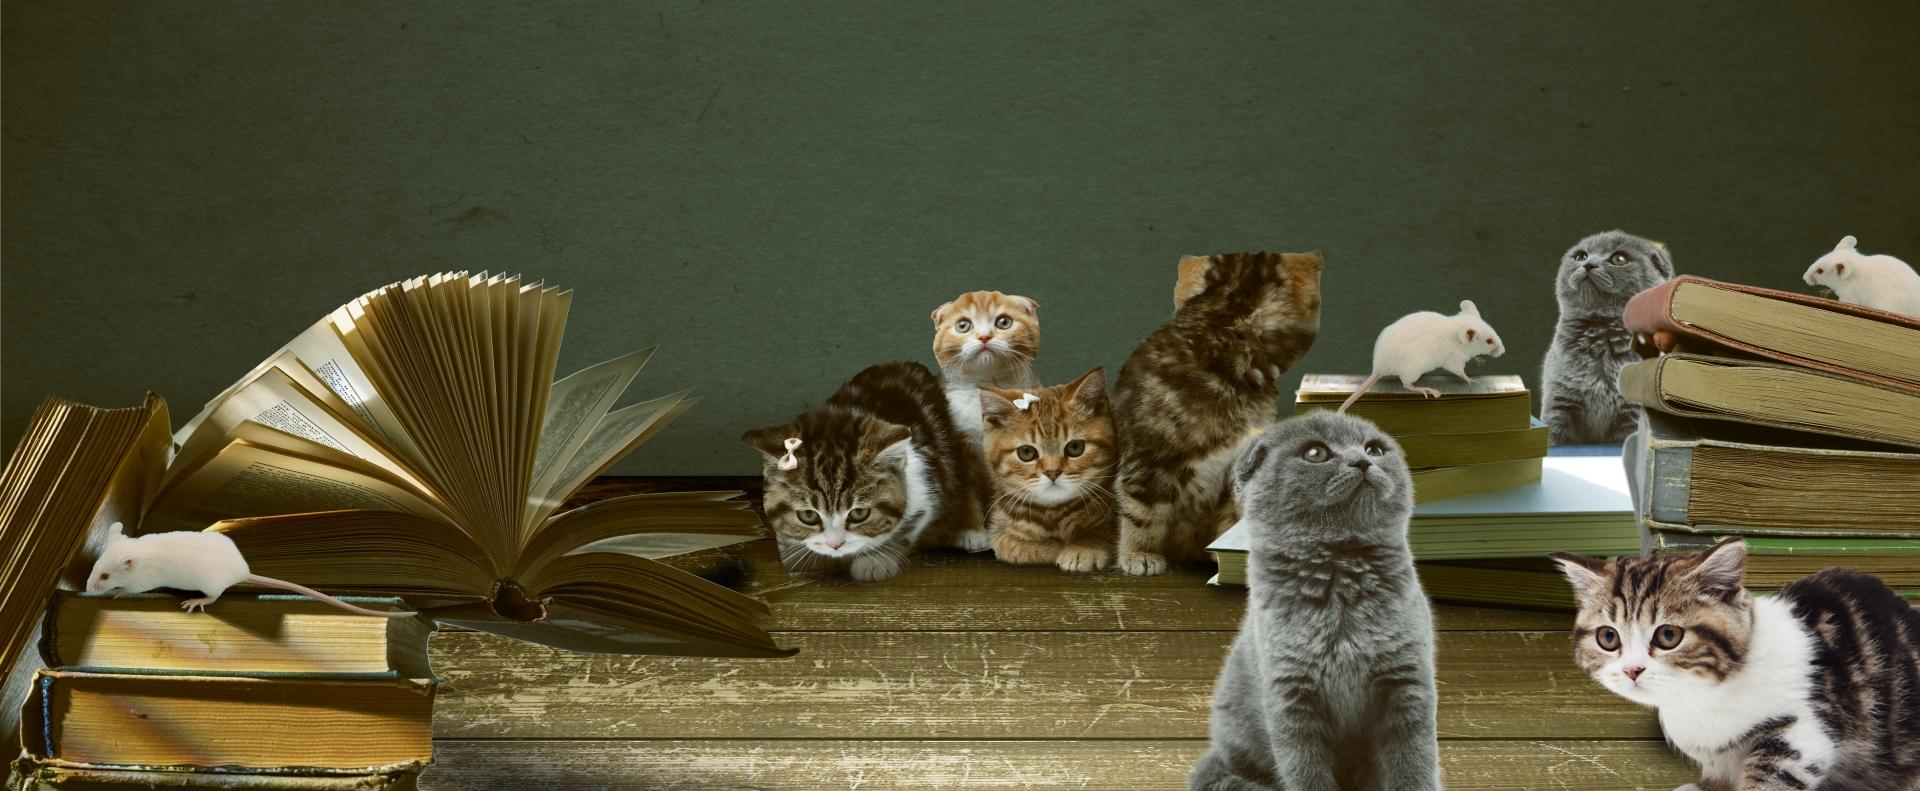 猫を飼えばネズミはいなくなるか?ネズミ対策として猫は有能か